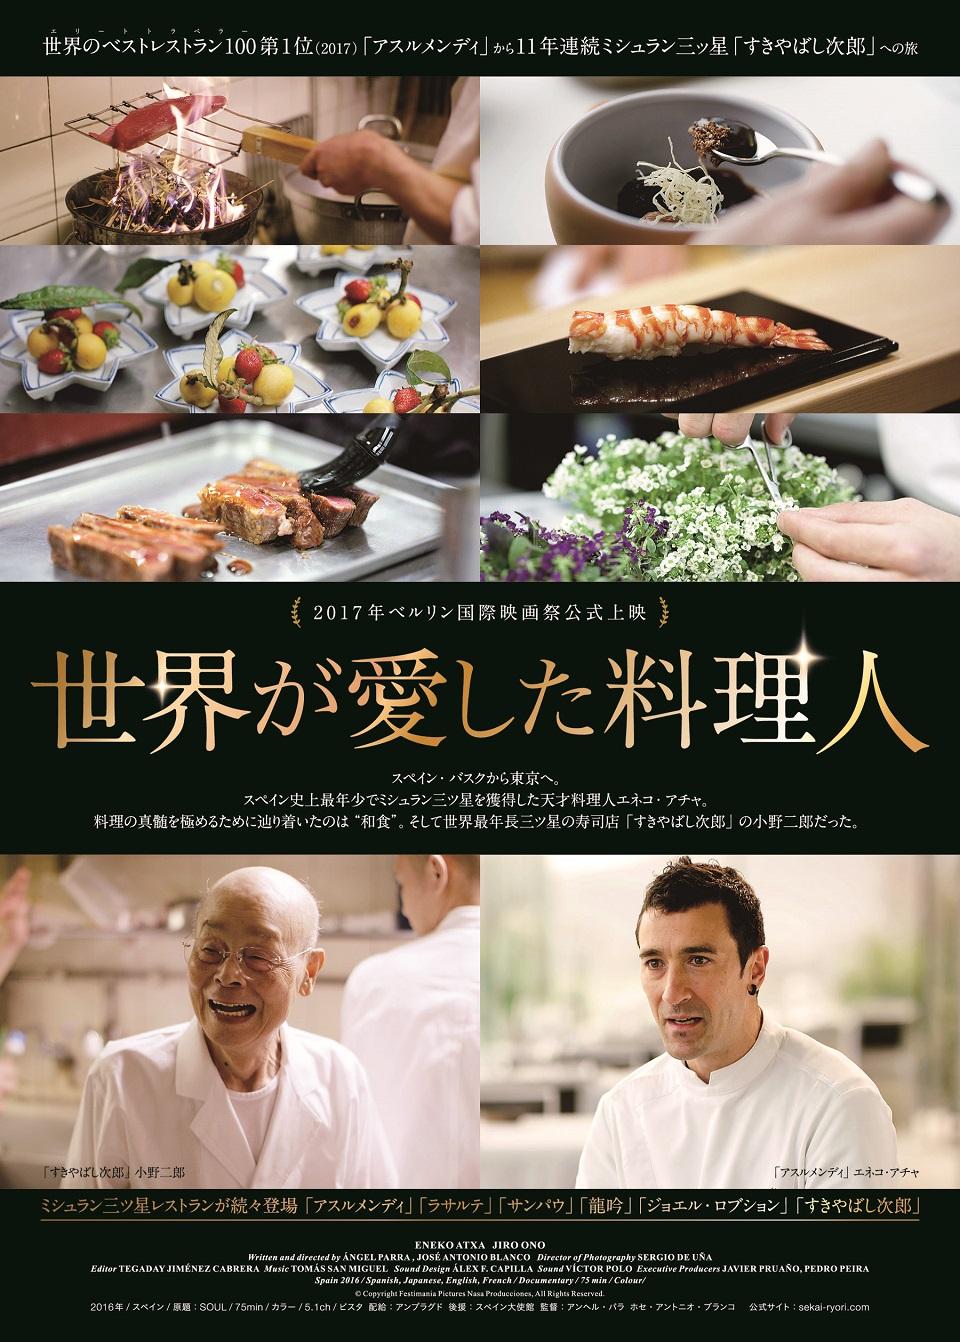 世界が愛した料理人 flyer